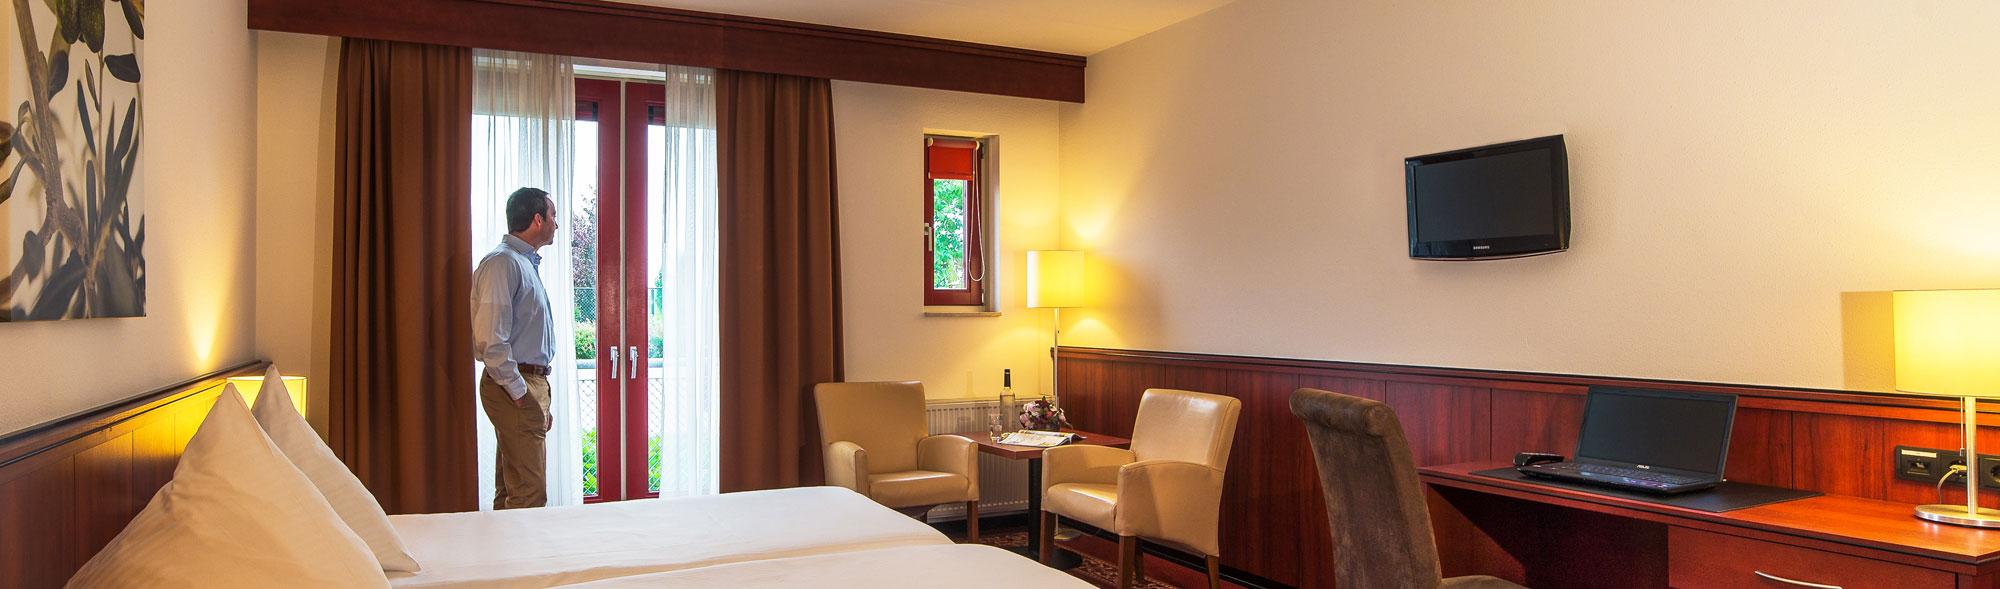 Schildkamp hotelkamer 2.jpg